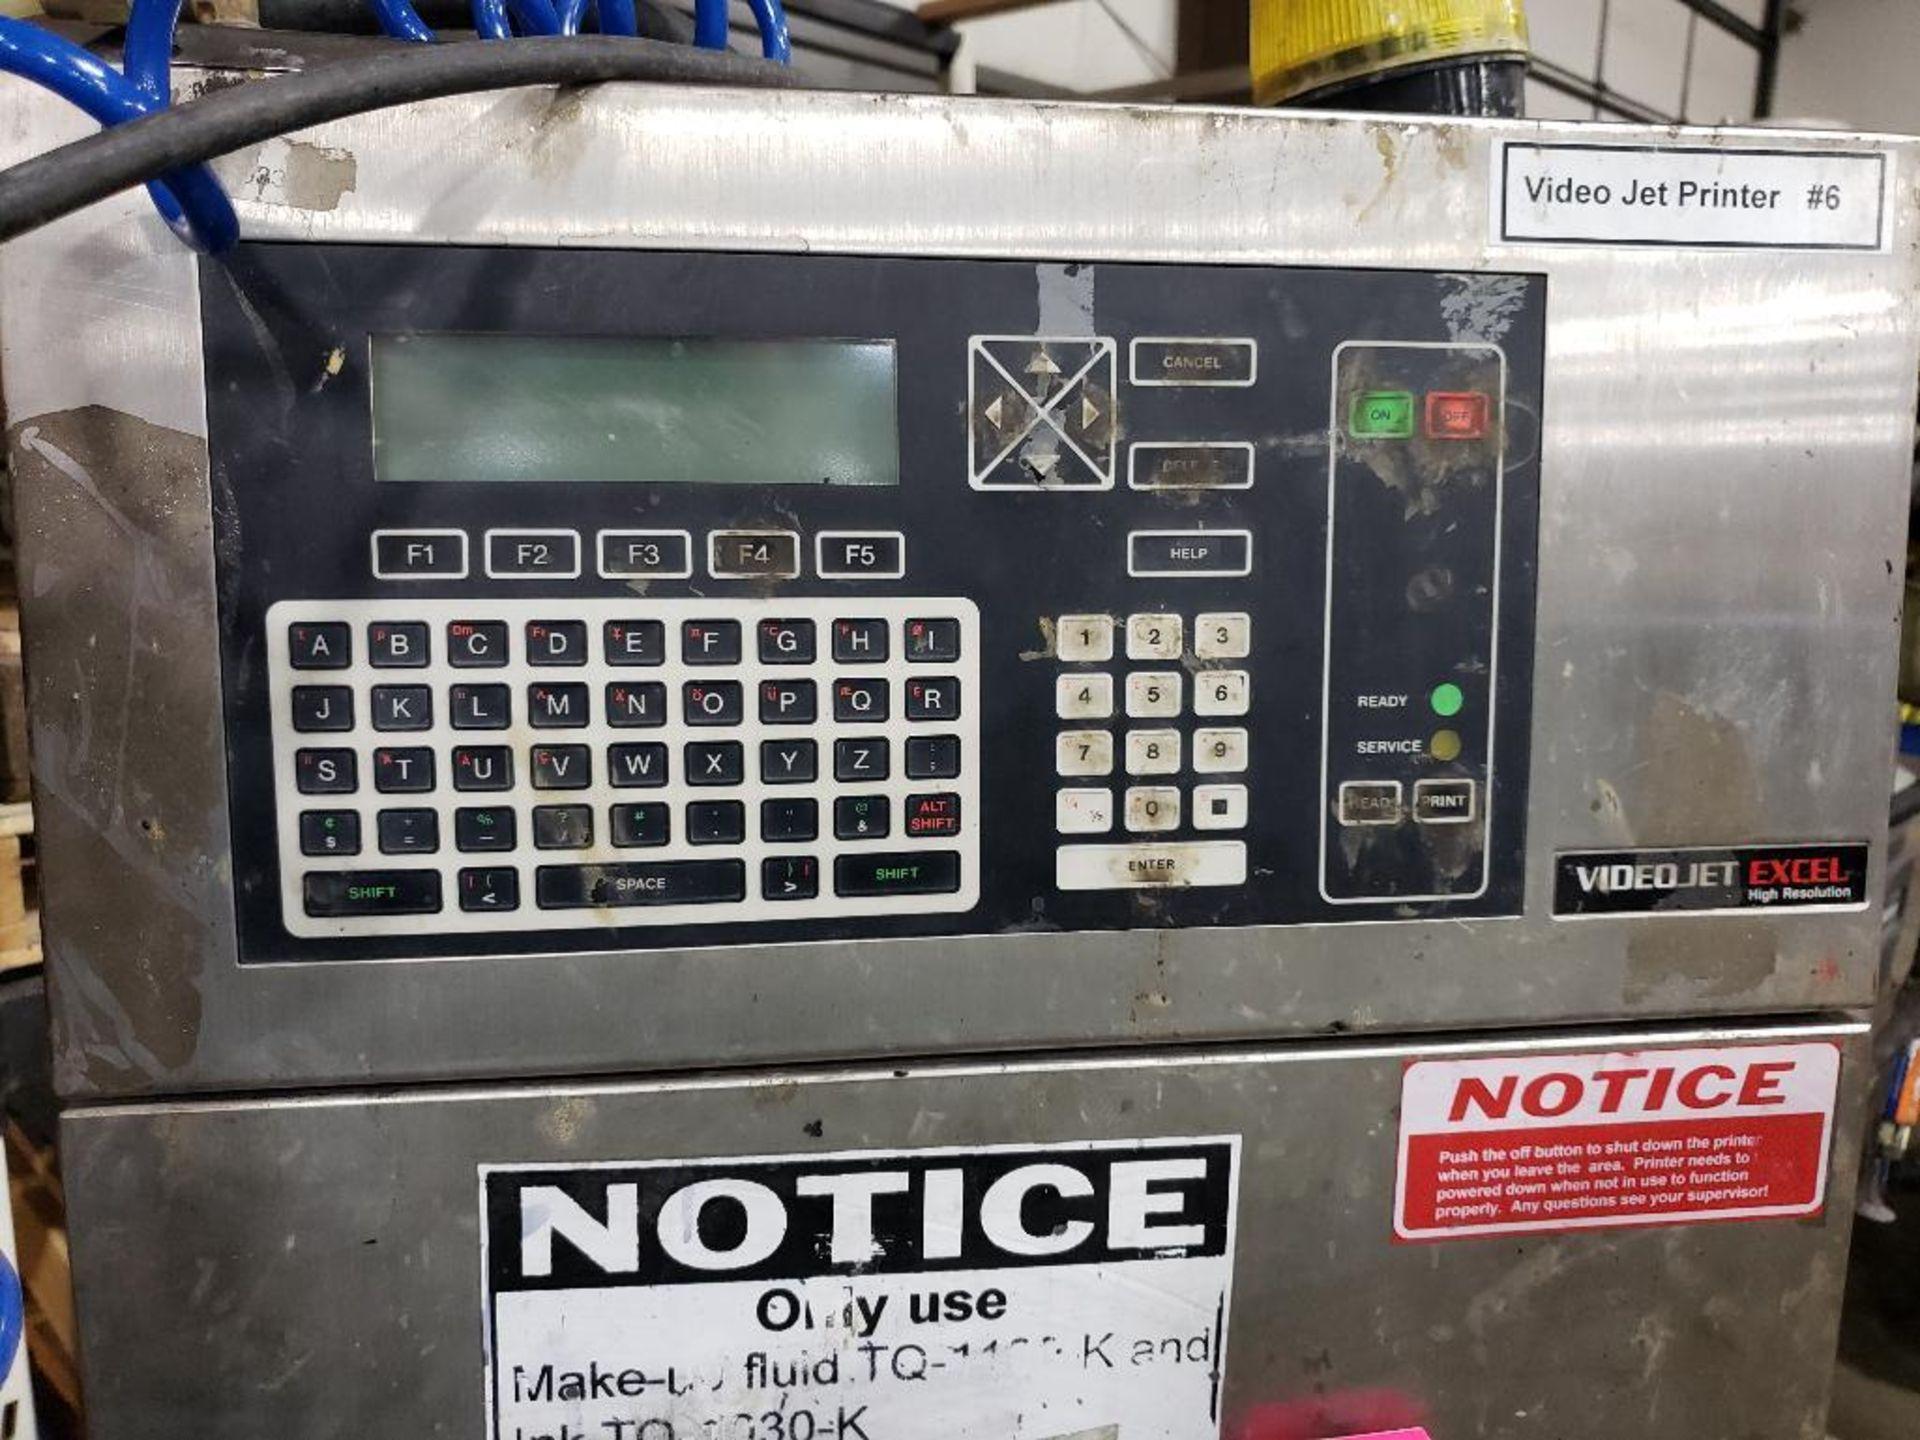 Videojet Excel High Resolution HI-RES ink jet marking machine. - Image 17 of 19